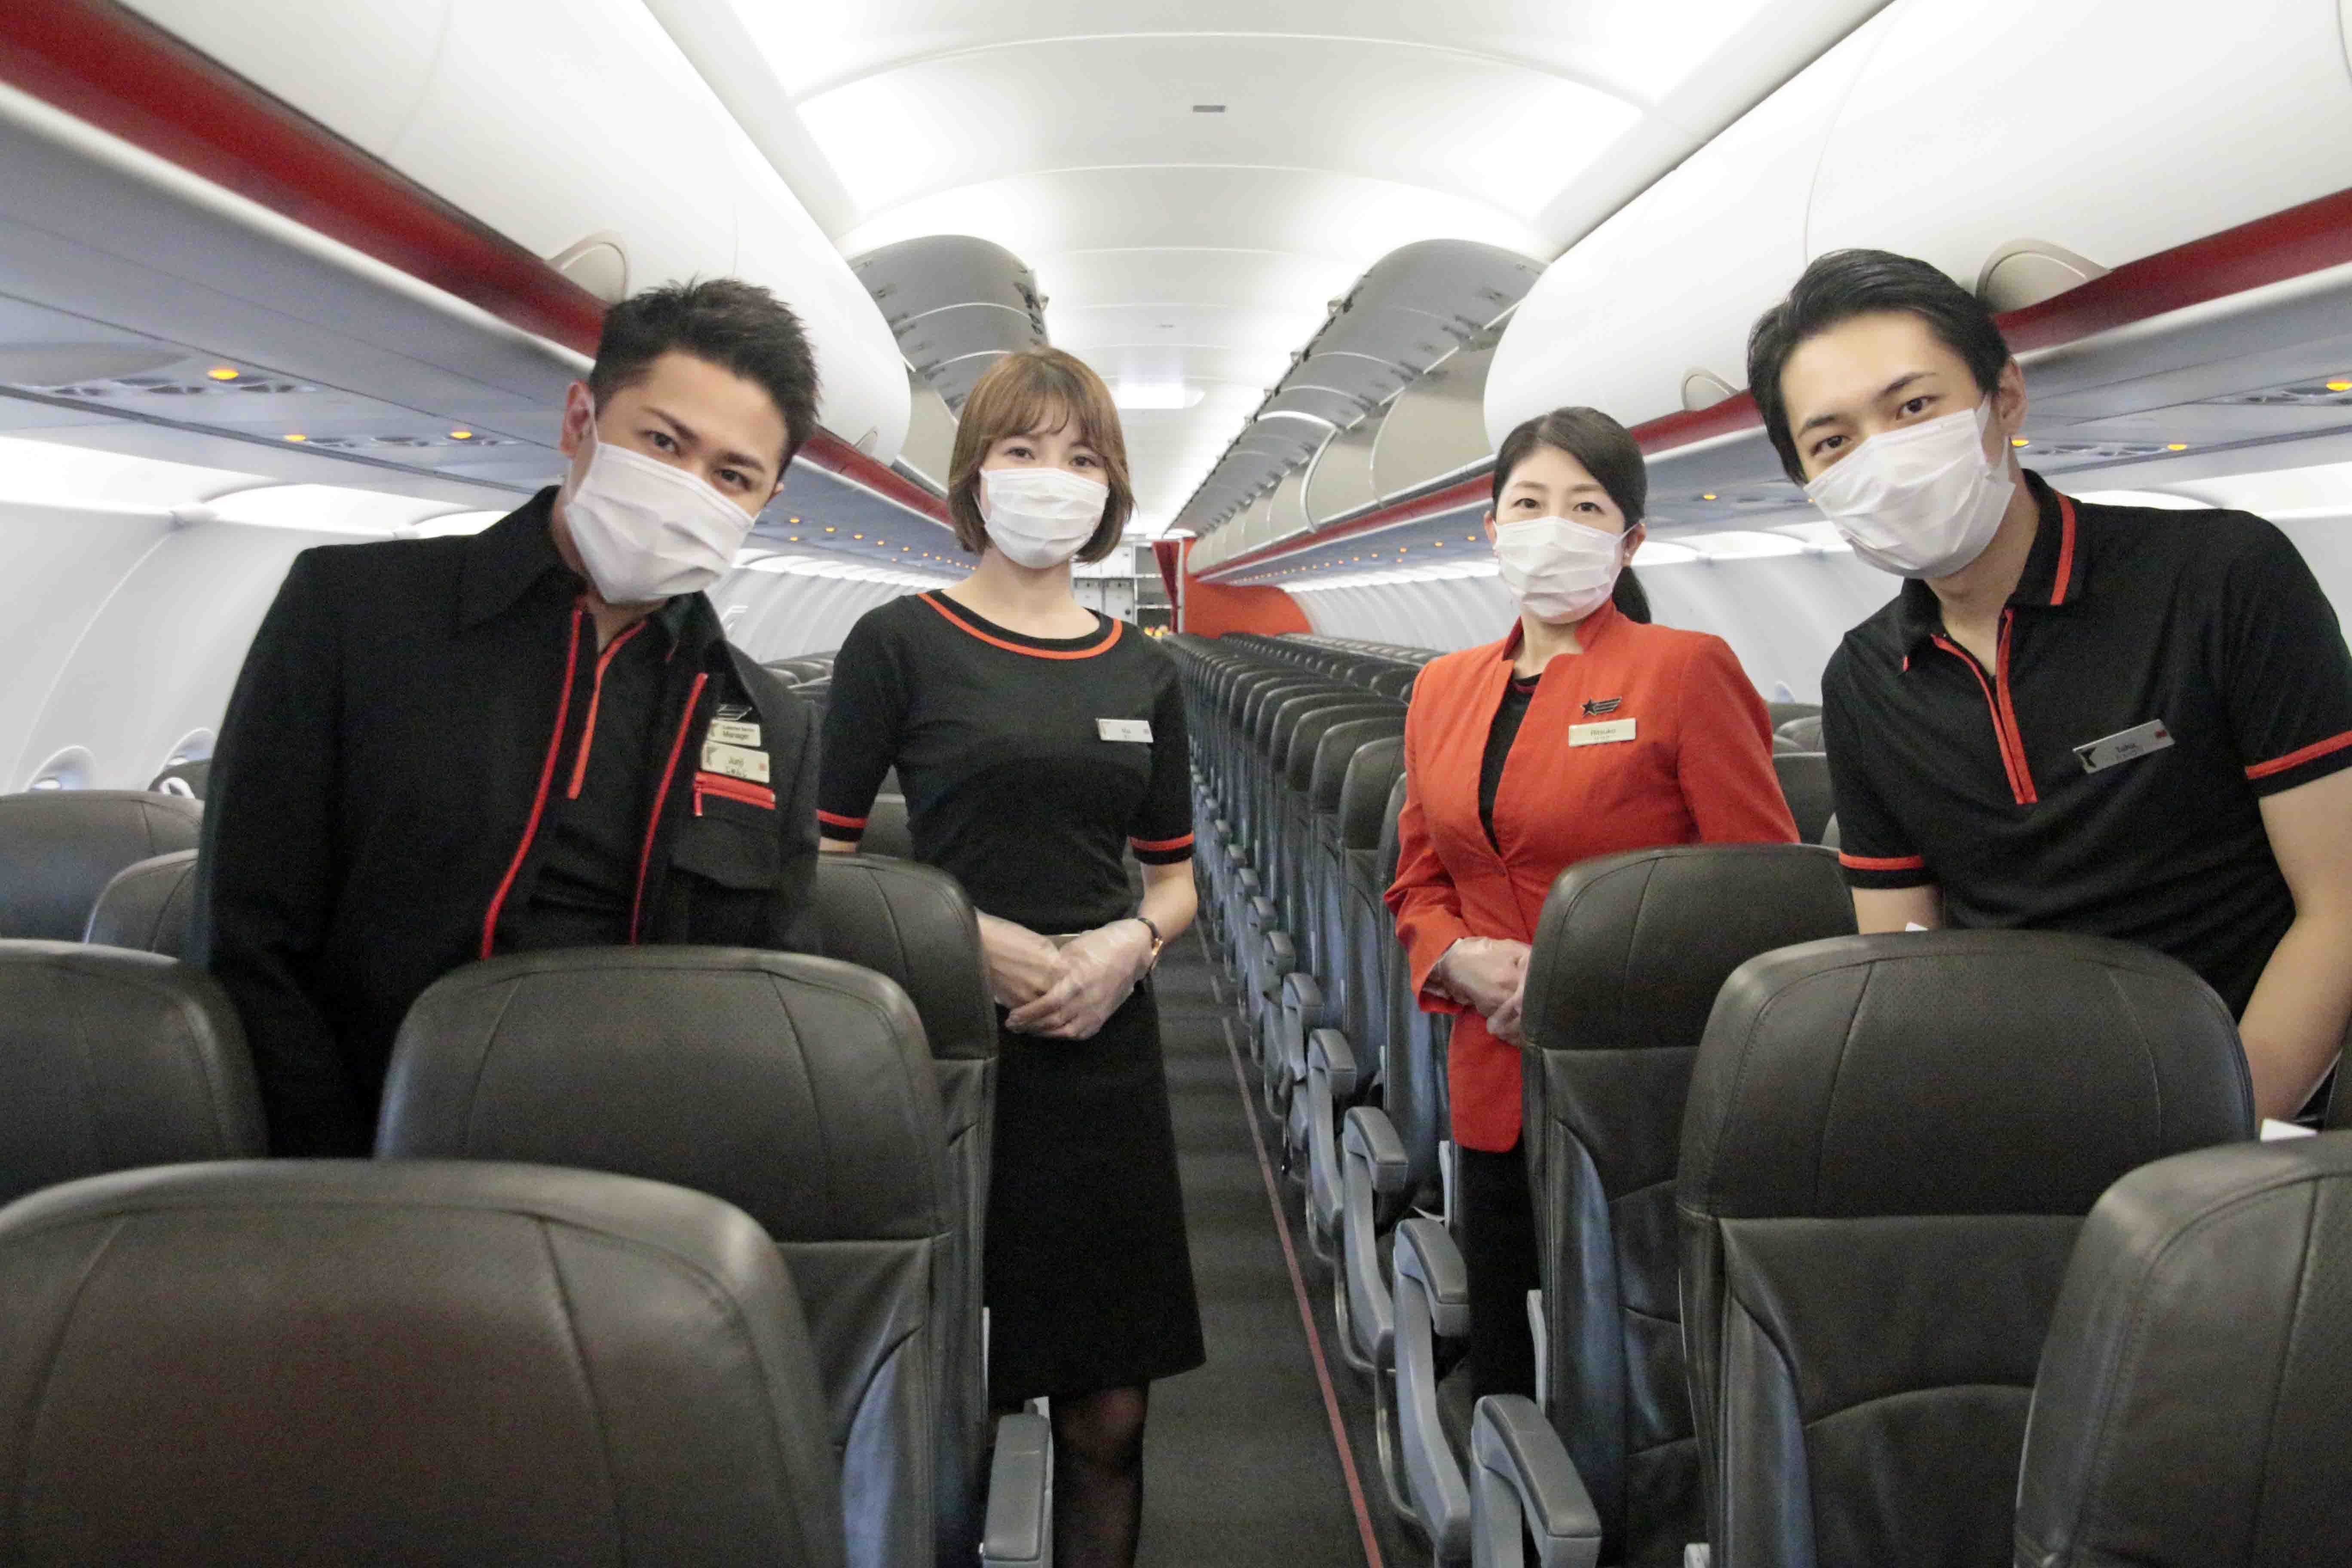 払い戻し ジェット スター コロナ コロナウイルス理由で航空券のキャンセル/変更できる?手数料かかるの?